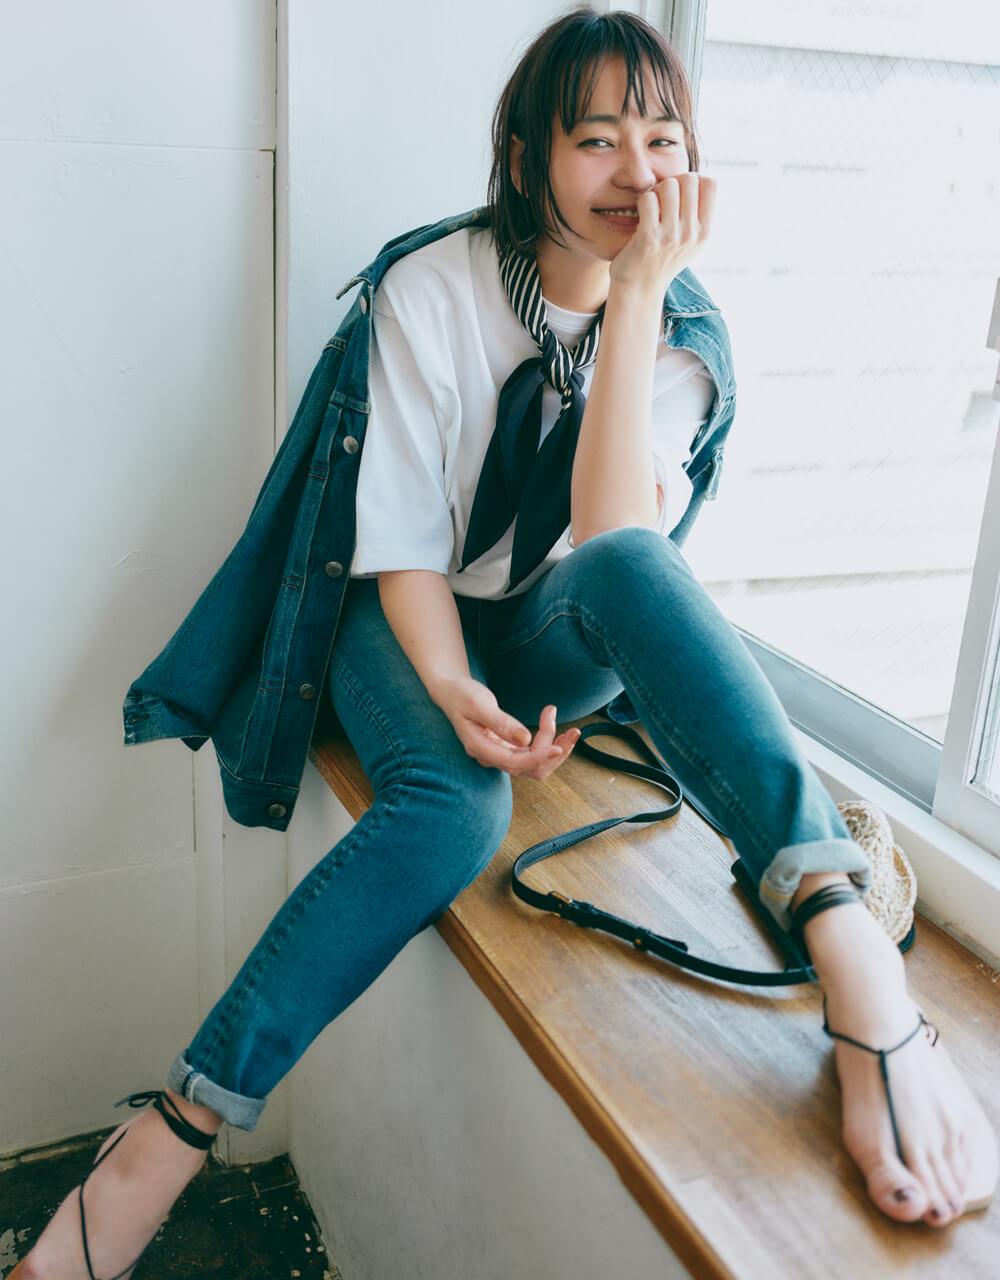 竹下玲奈さん、デニムのセットアップとスカーフで、 夏の鉄板コンビの鮮度をUP!